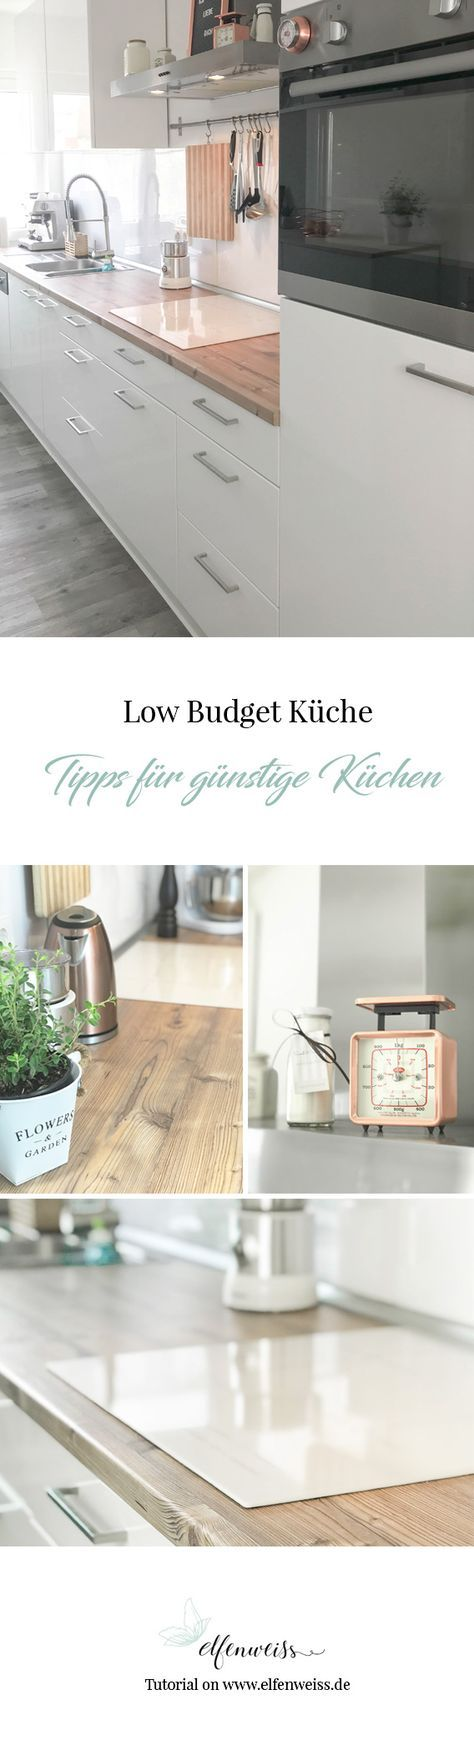 20 best offene küche images on Pinterest   Küchen modern, Küchenweiß ...